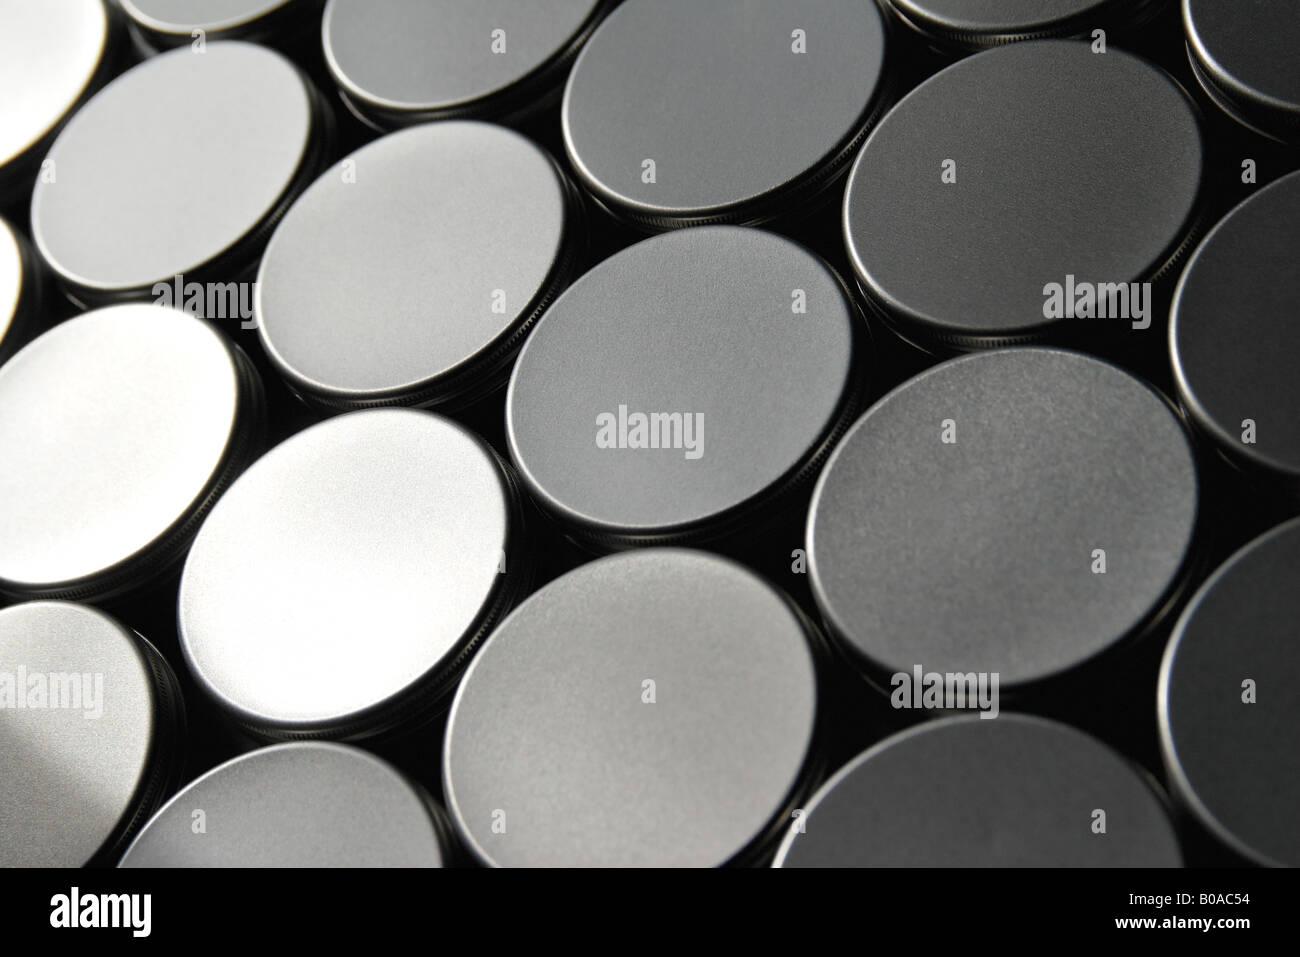 Jar coperchi disposti nel pattern, close-up, frame completo Immagini Stock